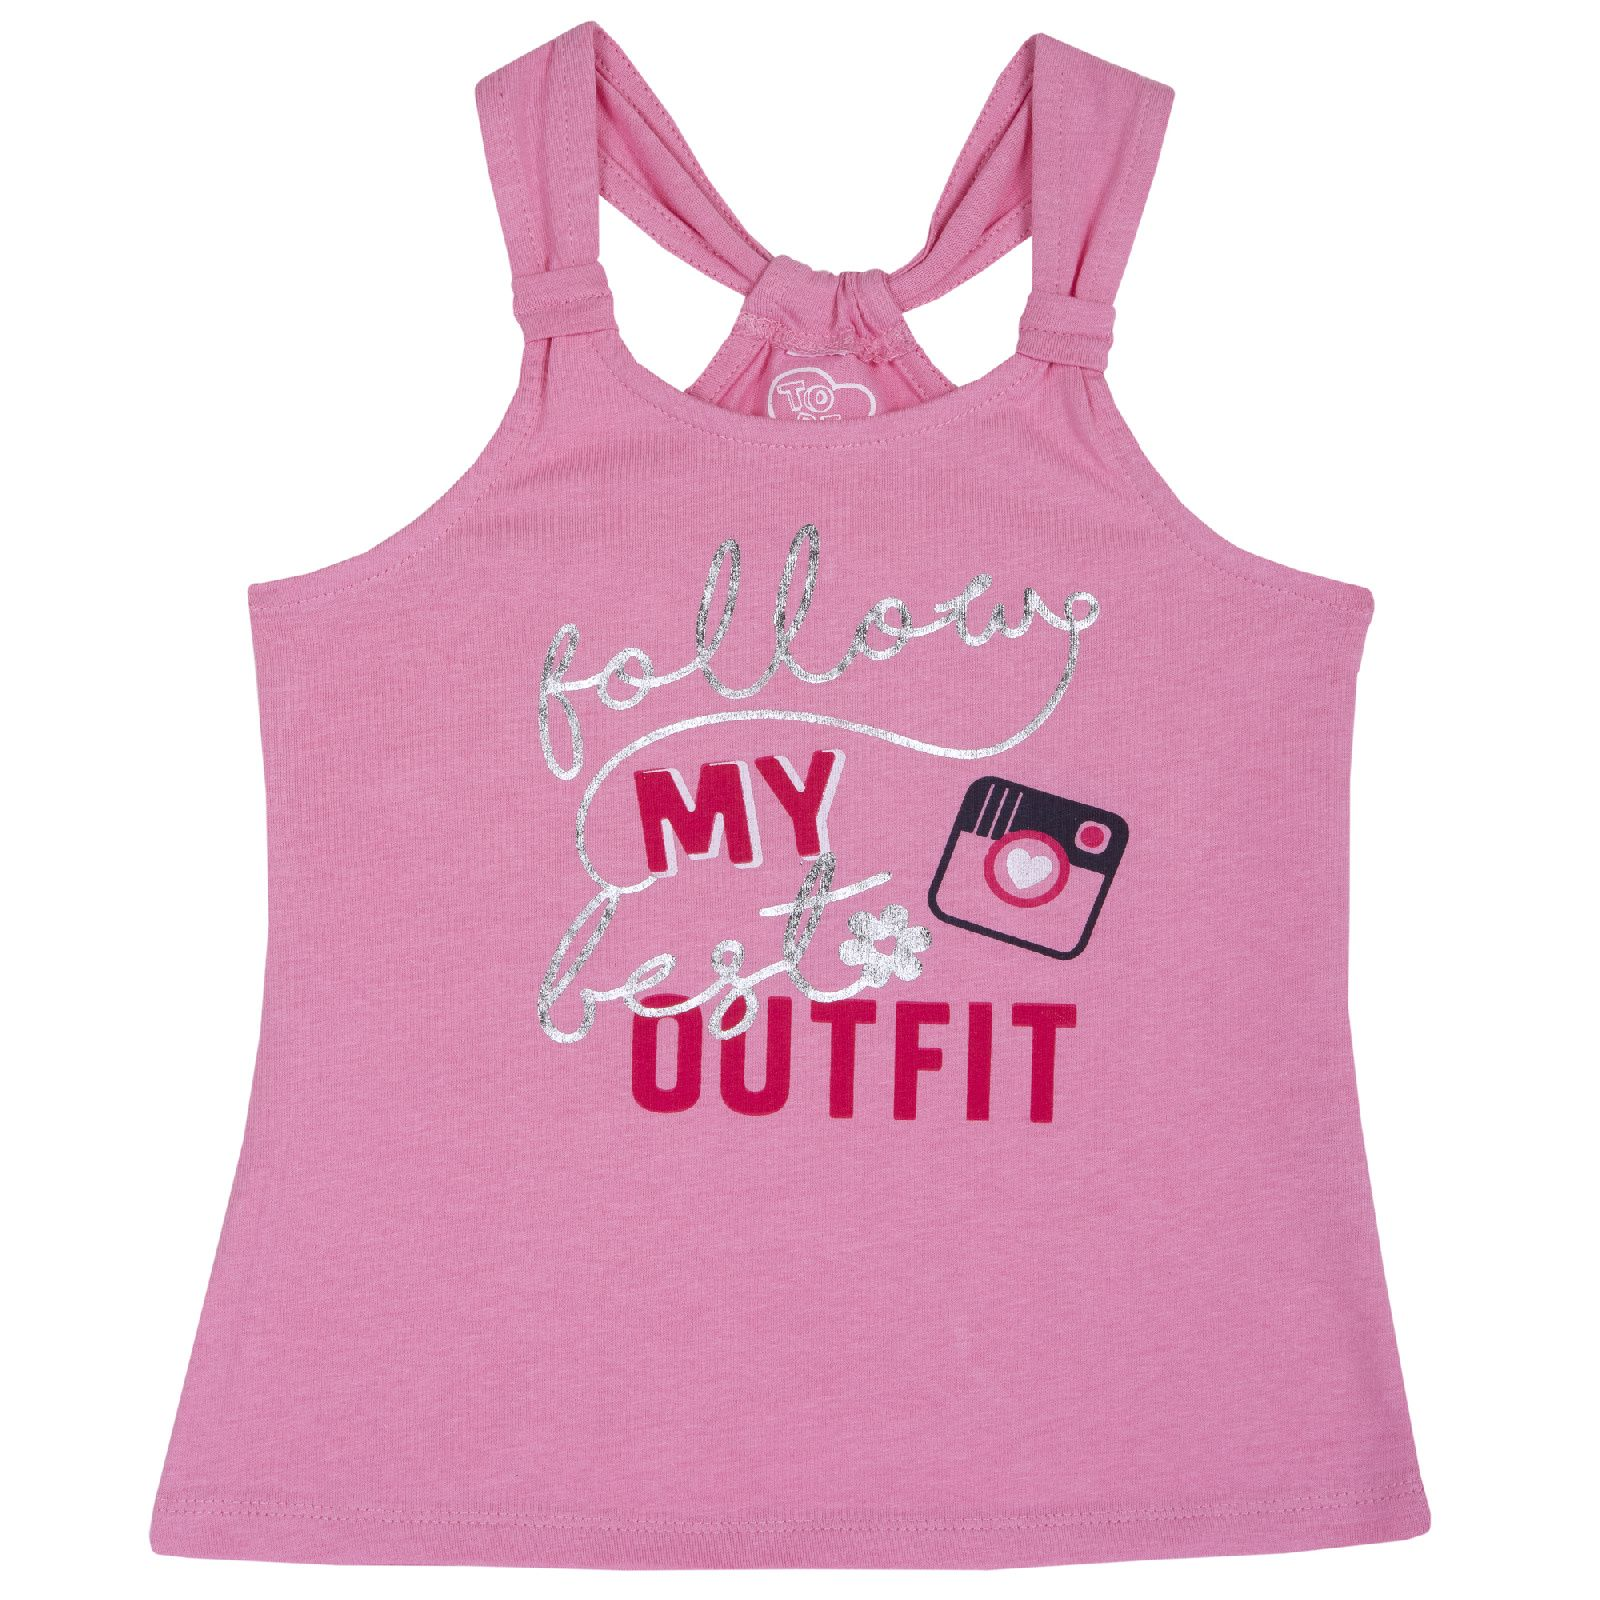 Купить 9006874, Майка Chicco My Outfit, для девочки, р.122, цв. розовый,